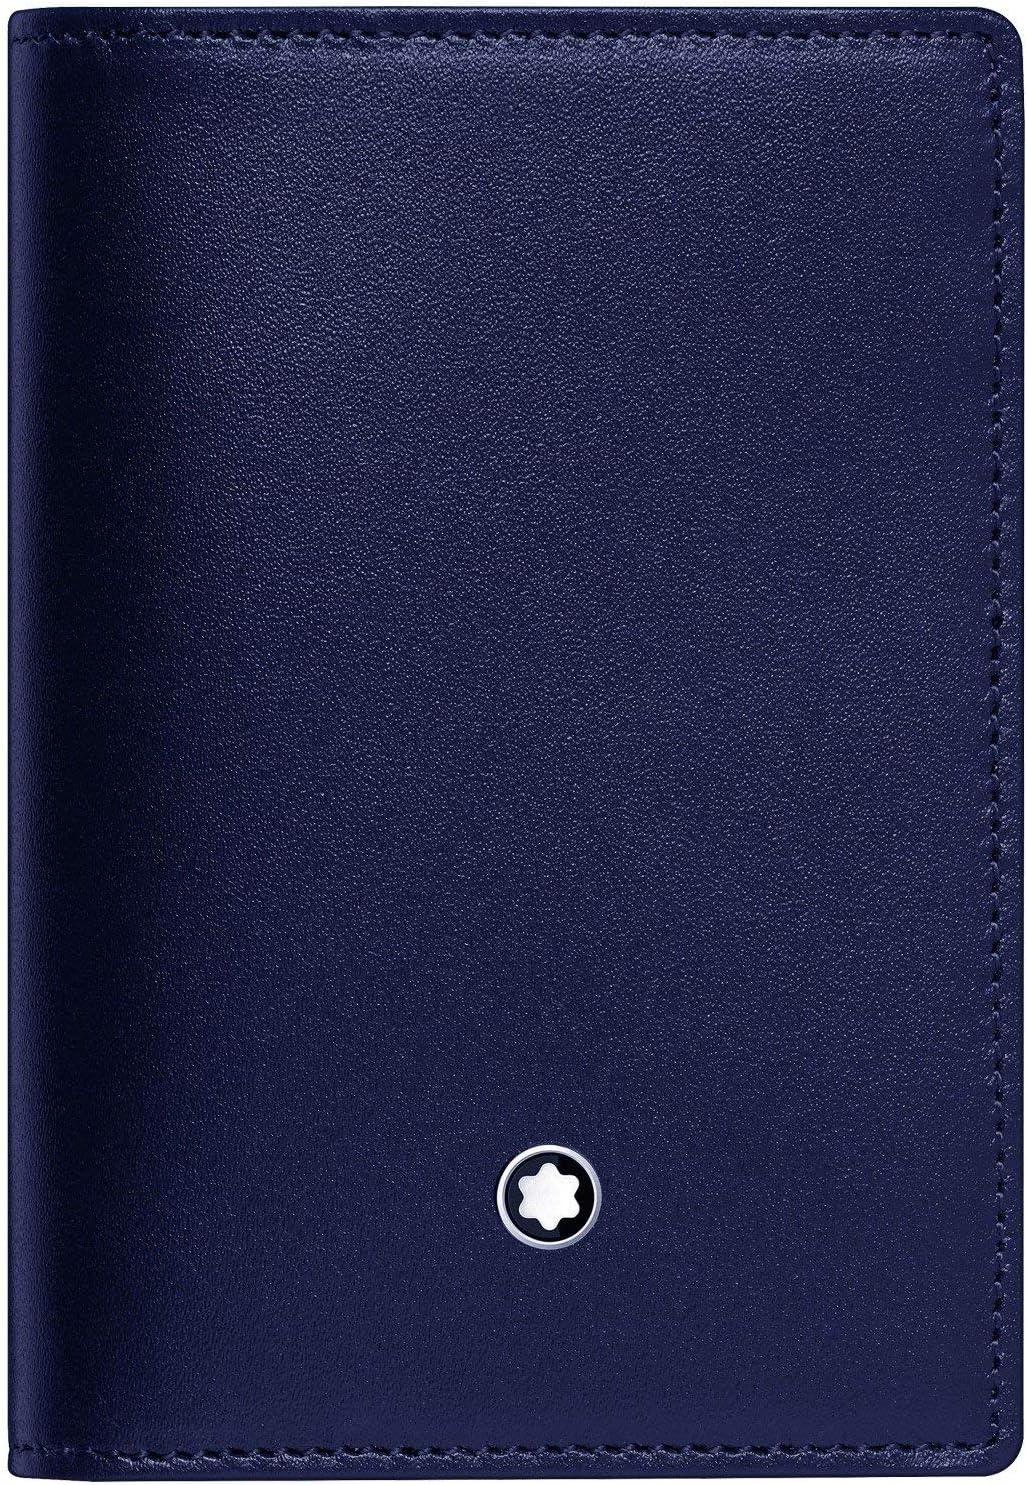 Montblanc Meisterstück - Estuche para Tarjetas de Visita con Compartimentos, Color Azul